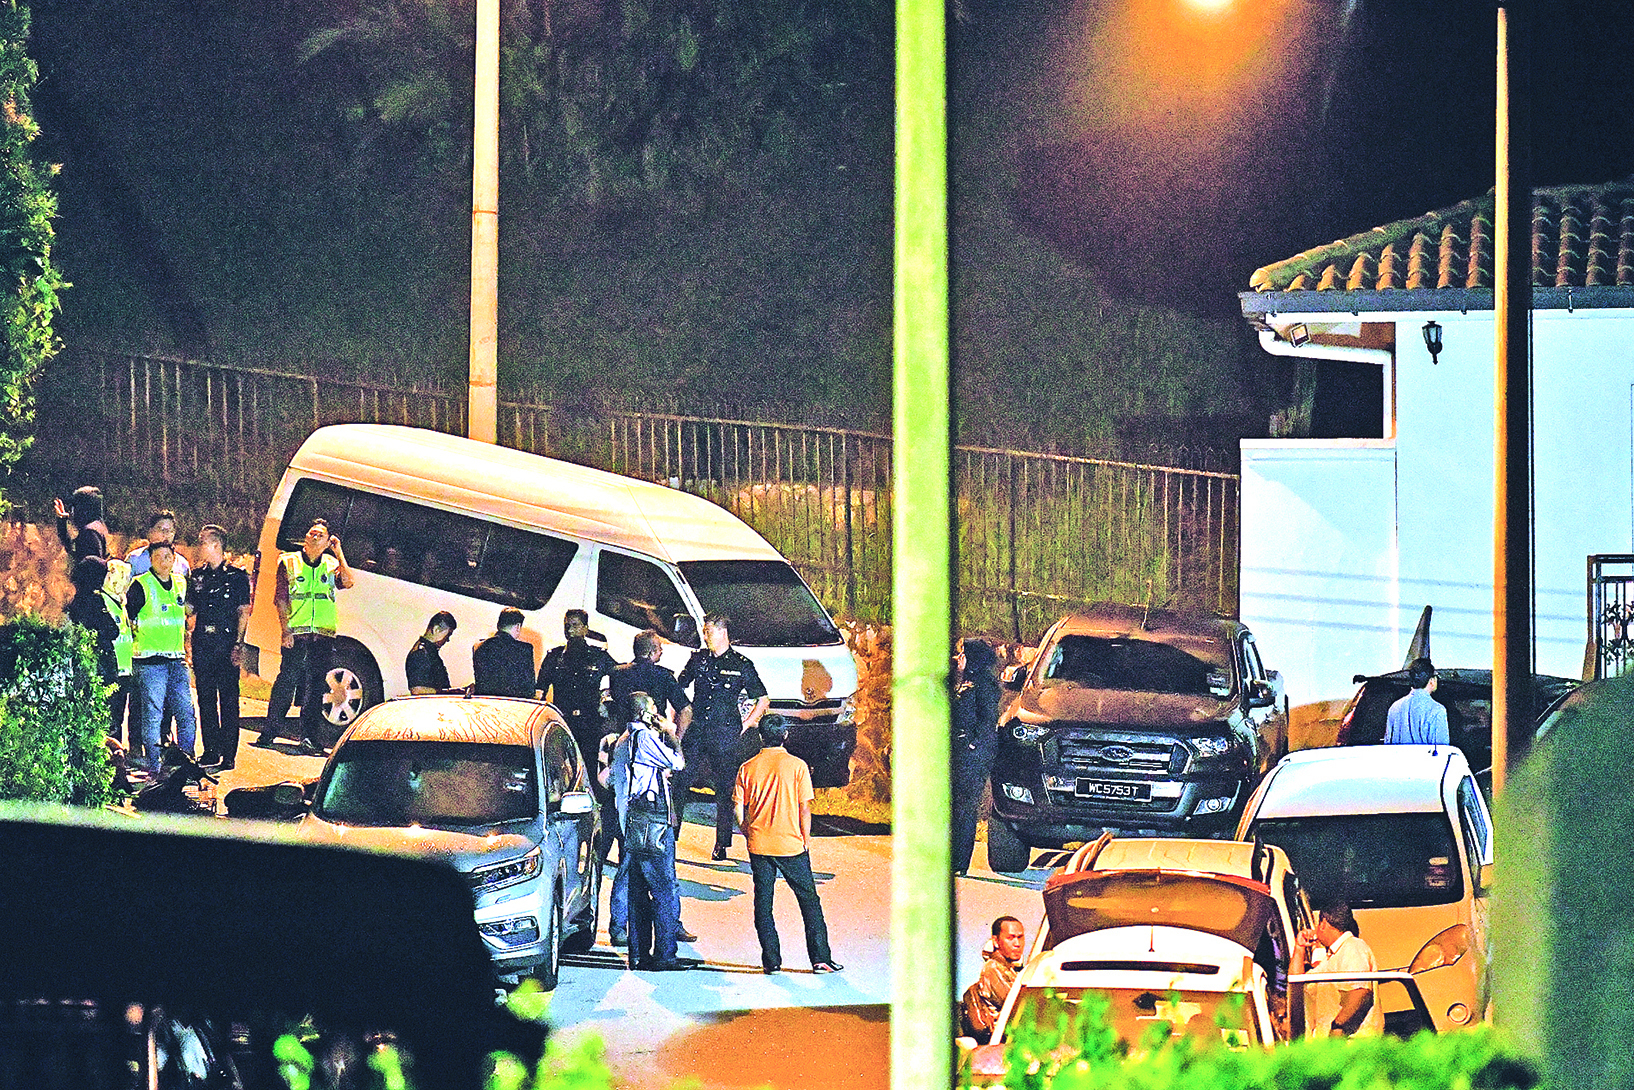 馬來西亞警方突襲涉貪前首相納吉布的住宅和辦公室,查獲大量設計手提包,其中許多塞滿了現金和珠寶。(AFP PHOTO / Mohd RASFAN)